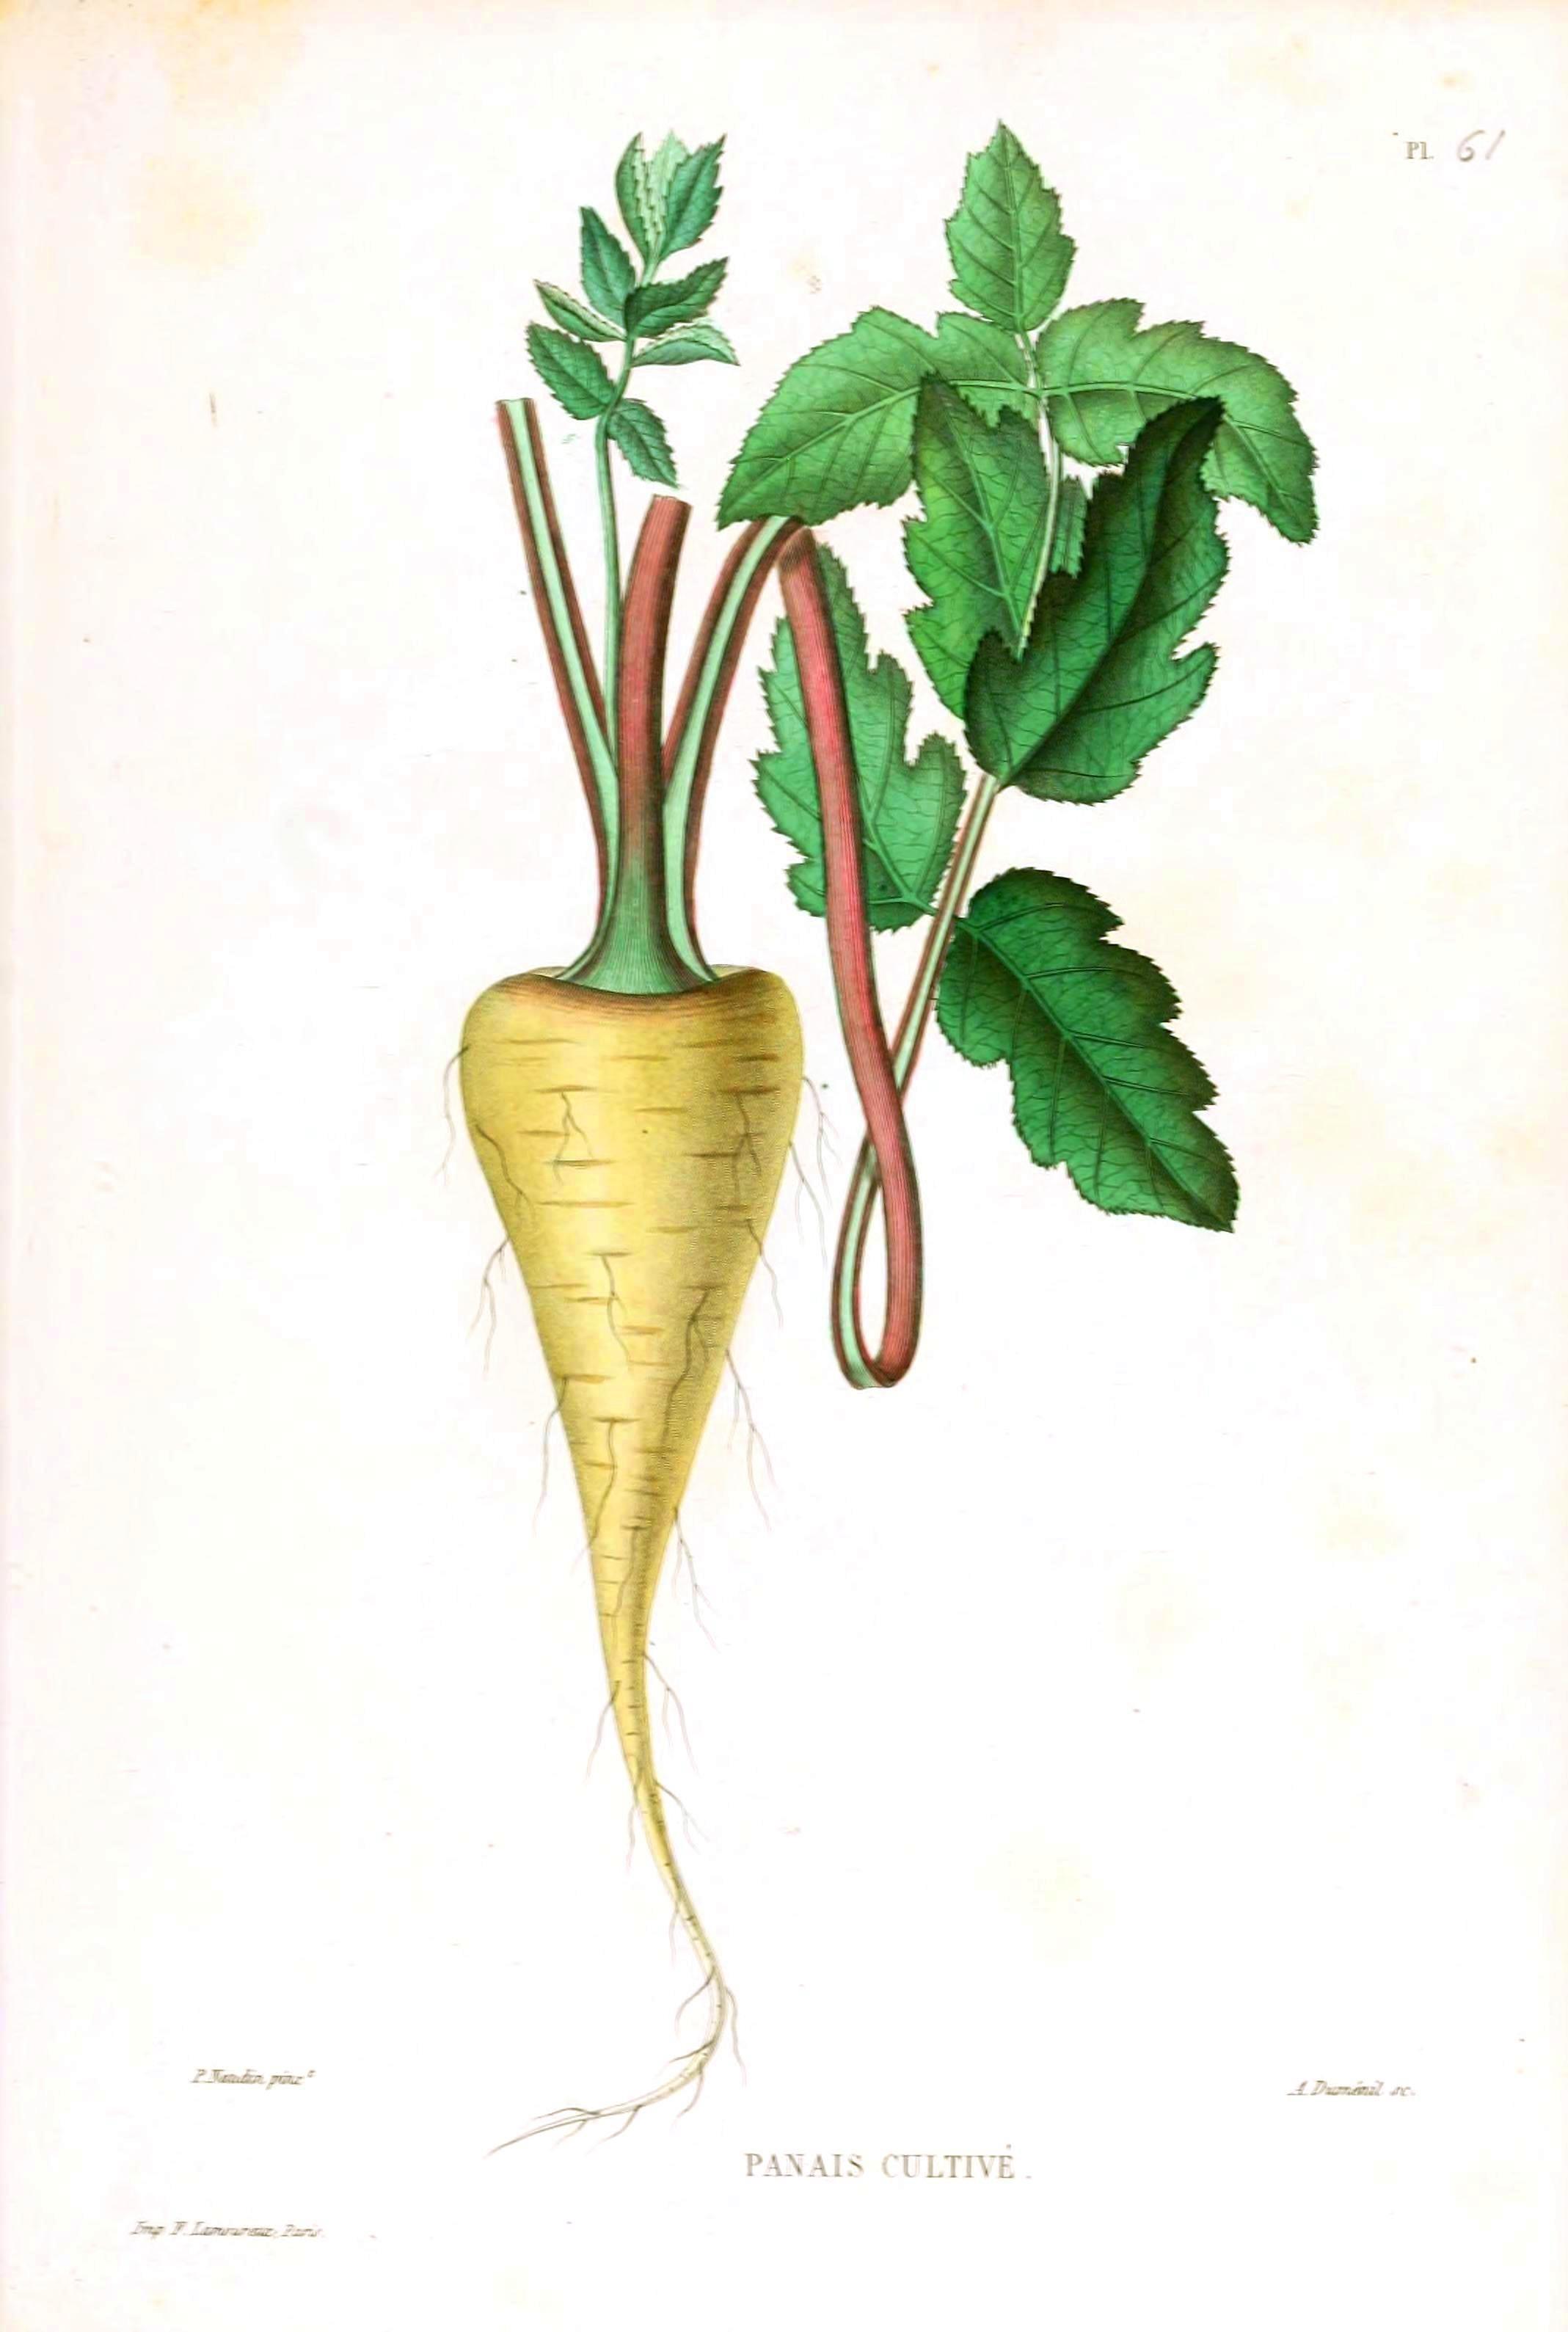 Vintage parsnip illustration